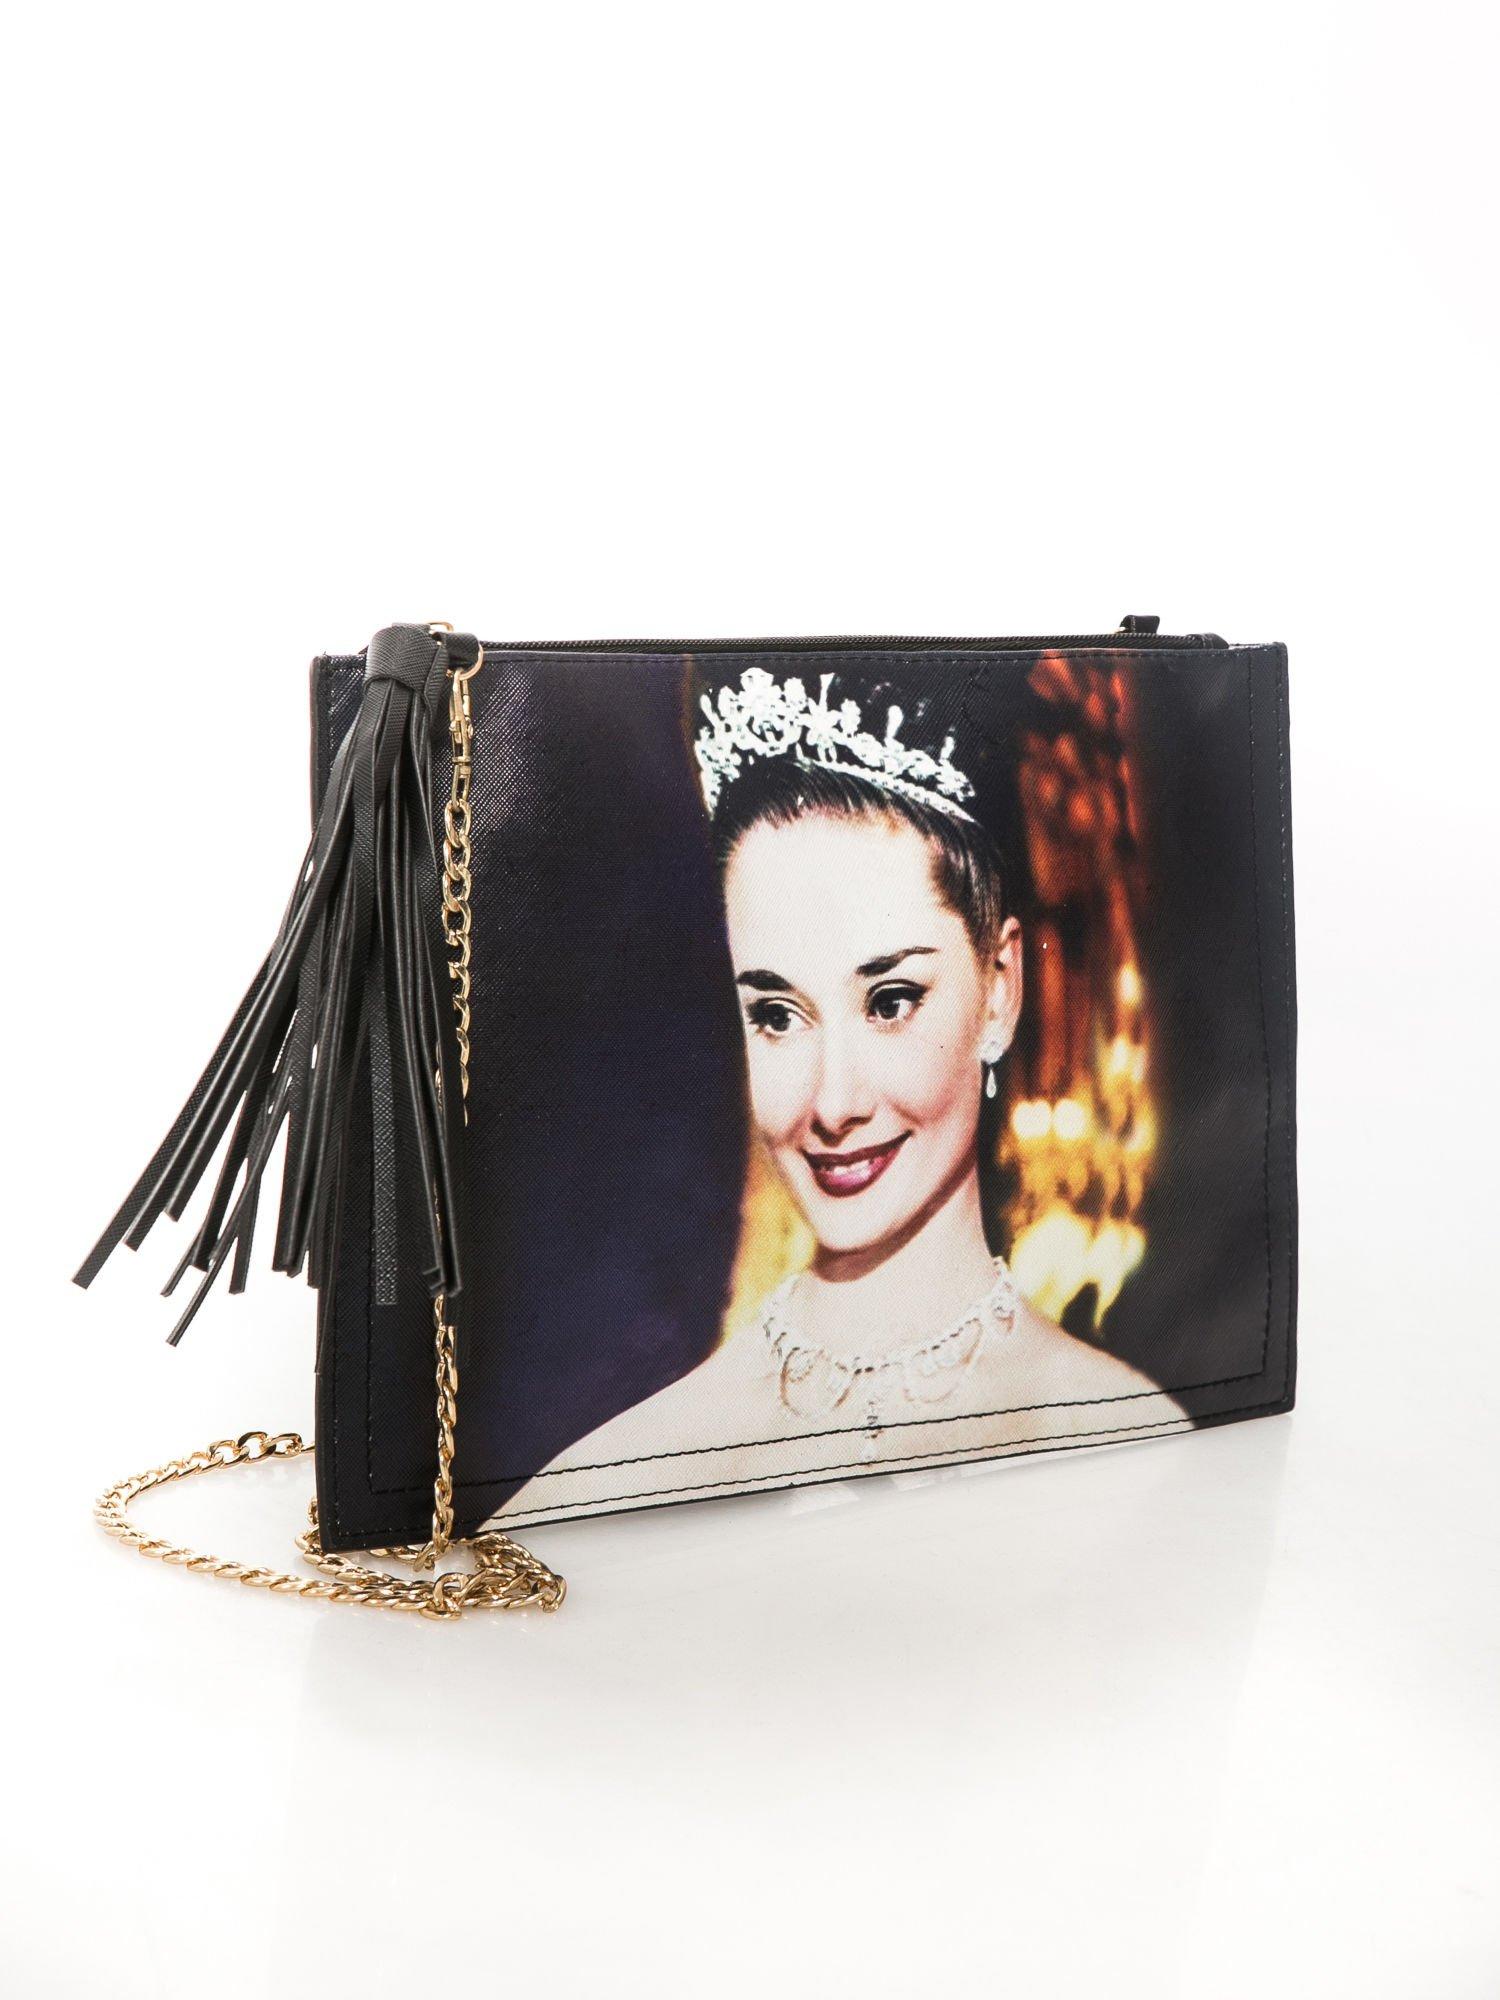 Czarna kopertówka z nadrukiem Audrey Hepburn, frędzlami i złotym łańcuszkiem                                  zdj.                                  2